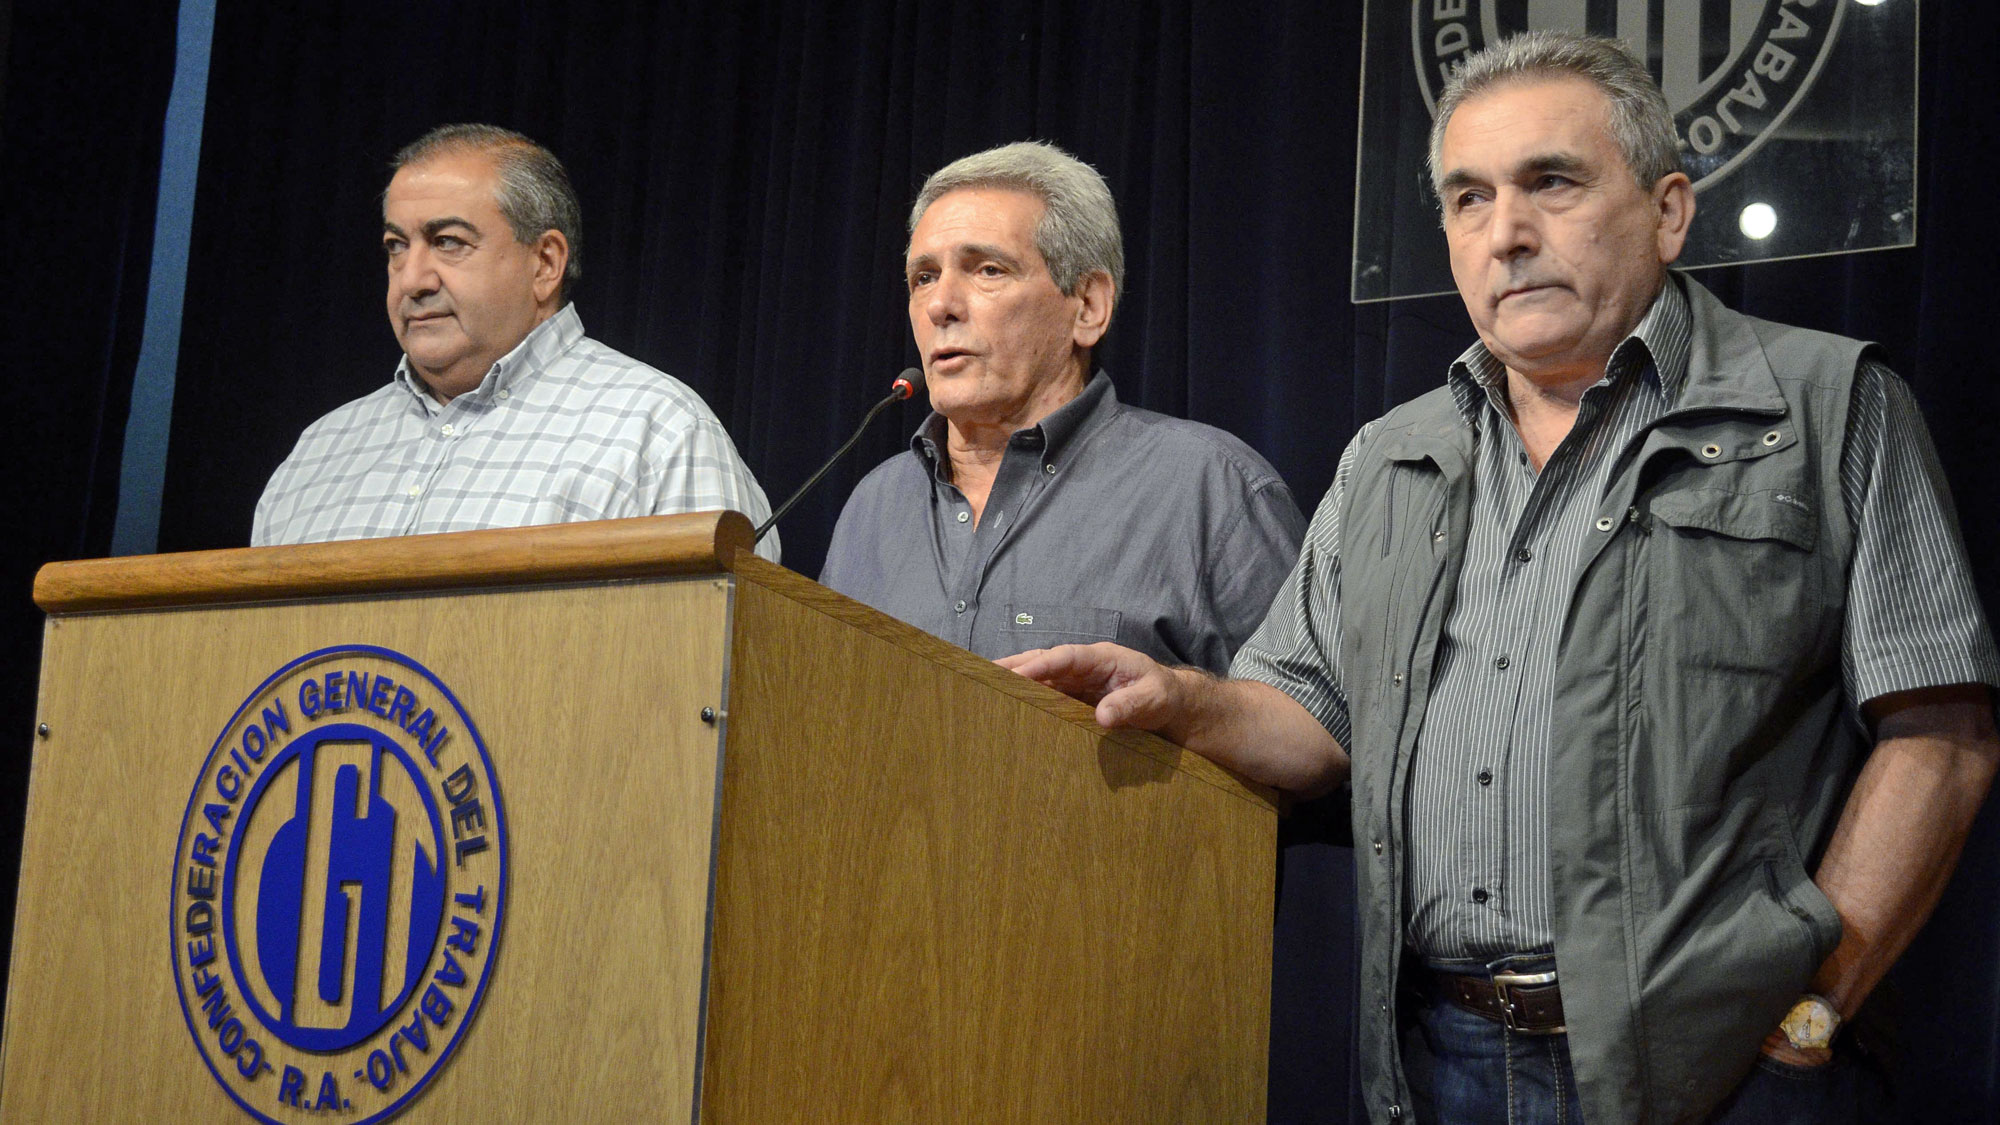 La CGT resolvió apostar al diálogo con el Gobierno